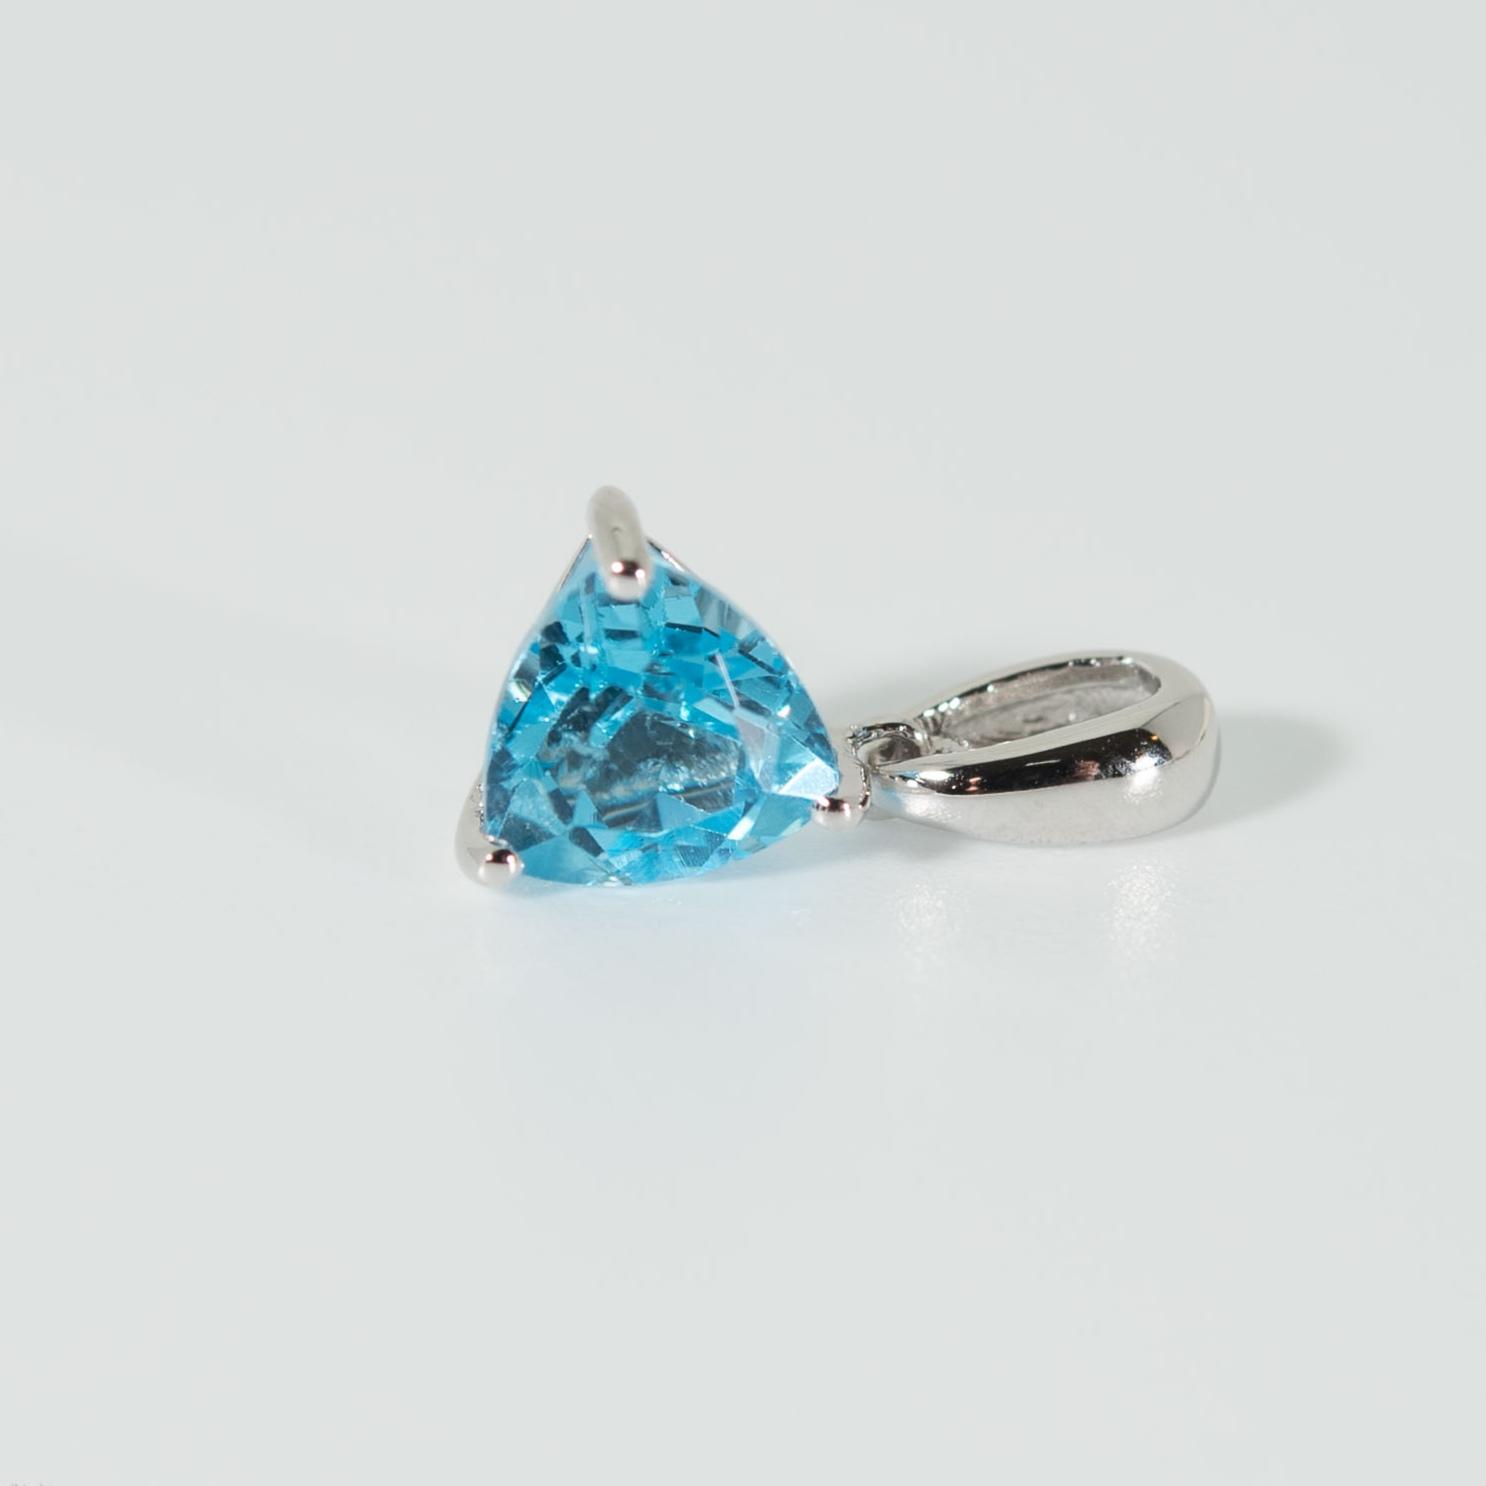 925 Silberanhänger blauer Topas